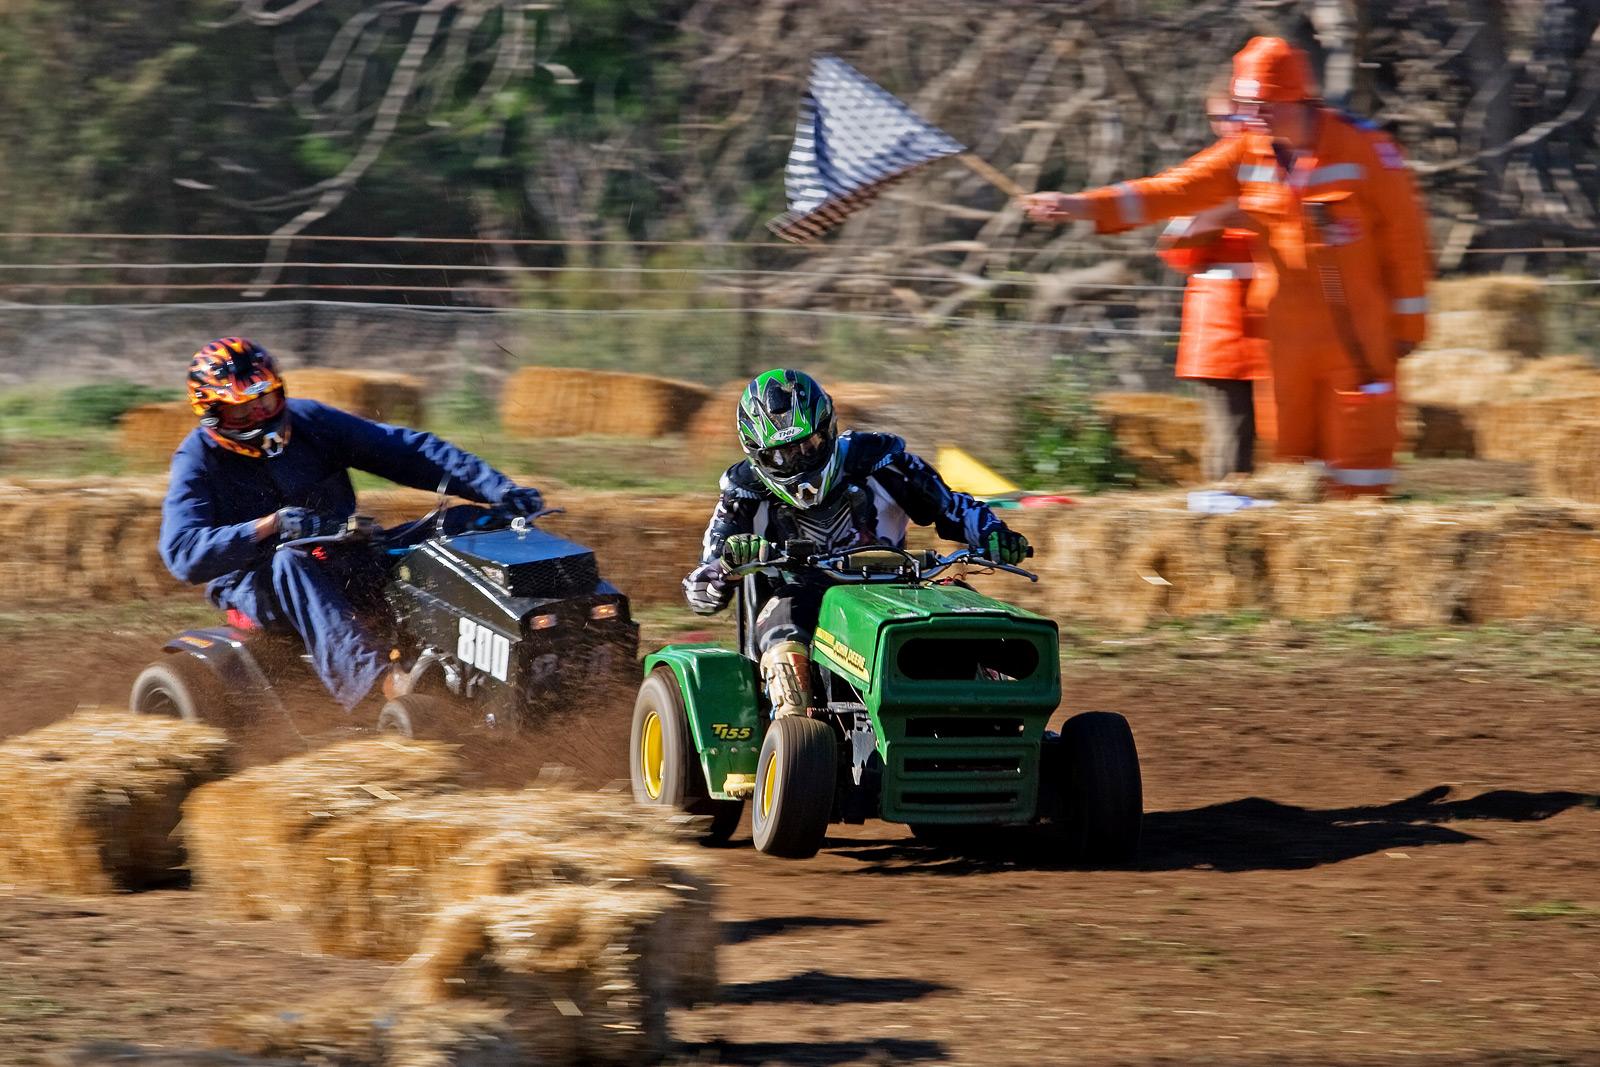 2007_swifts_creek_lawnmower_races04_edit